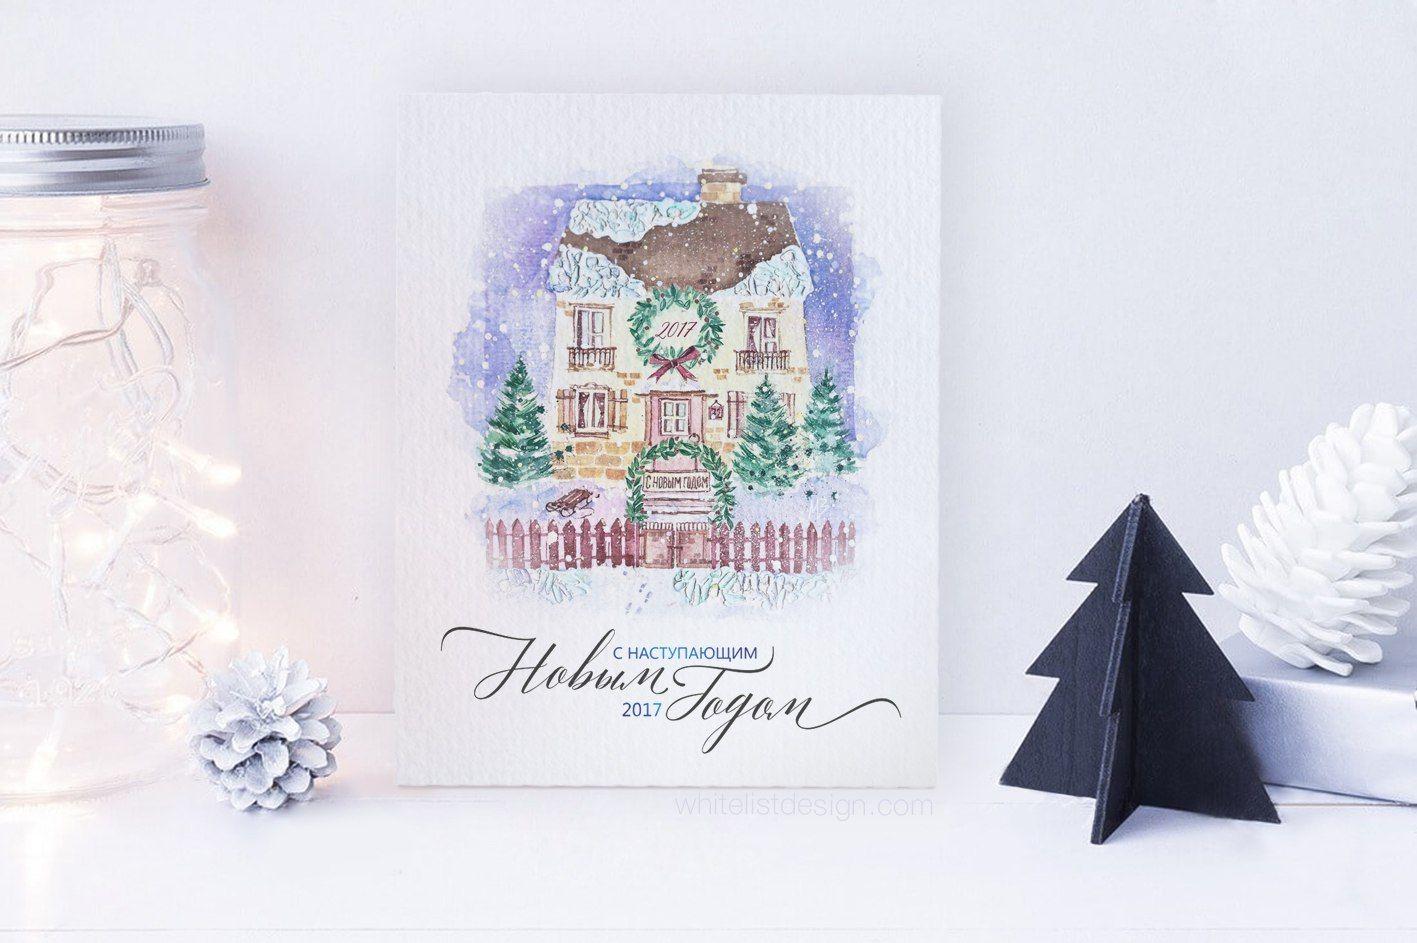 sweetgreen gift certificate online